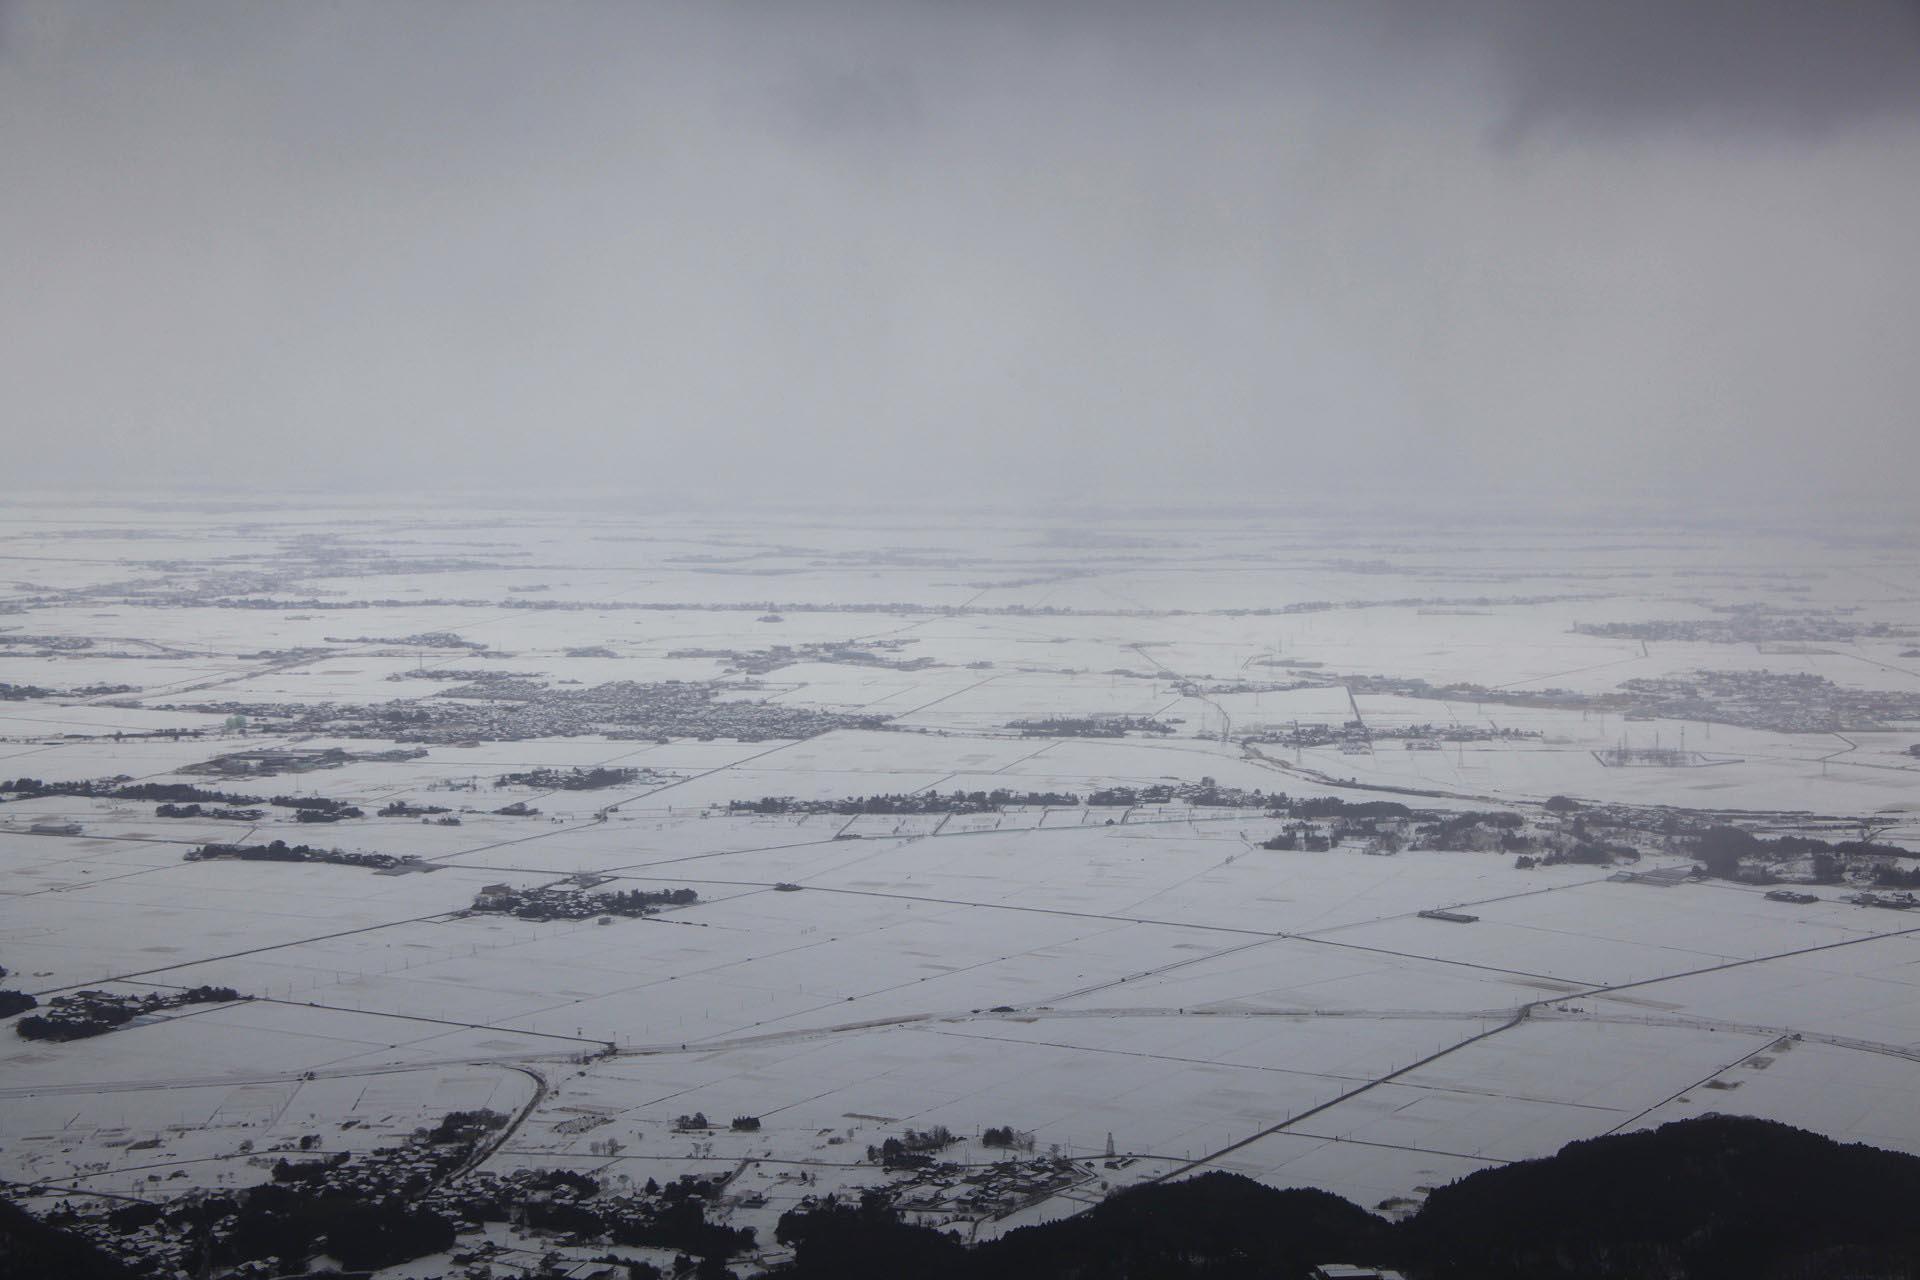 冬の弥彦山から見る風景 新潟の風景